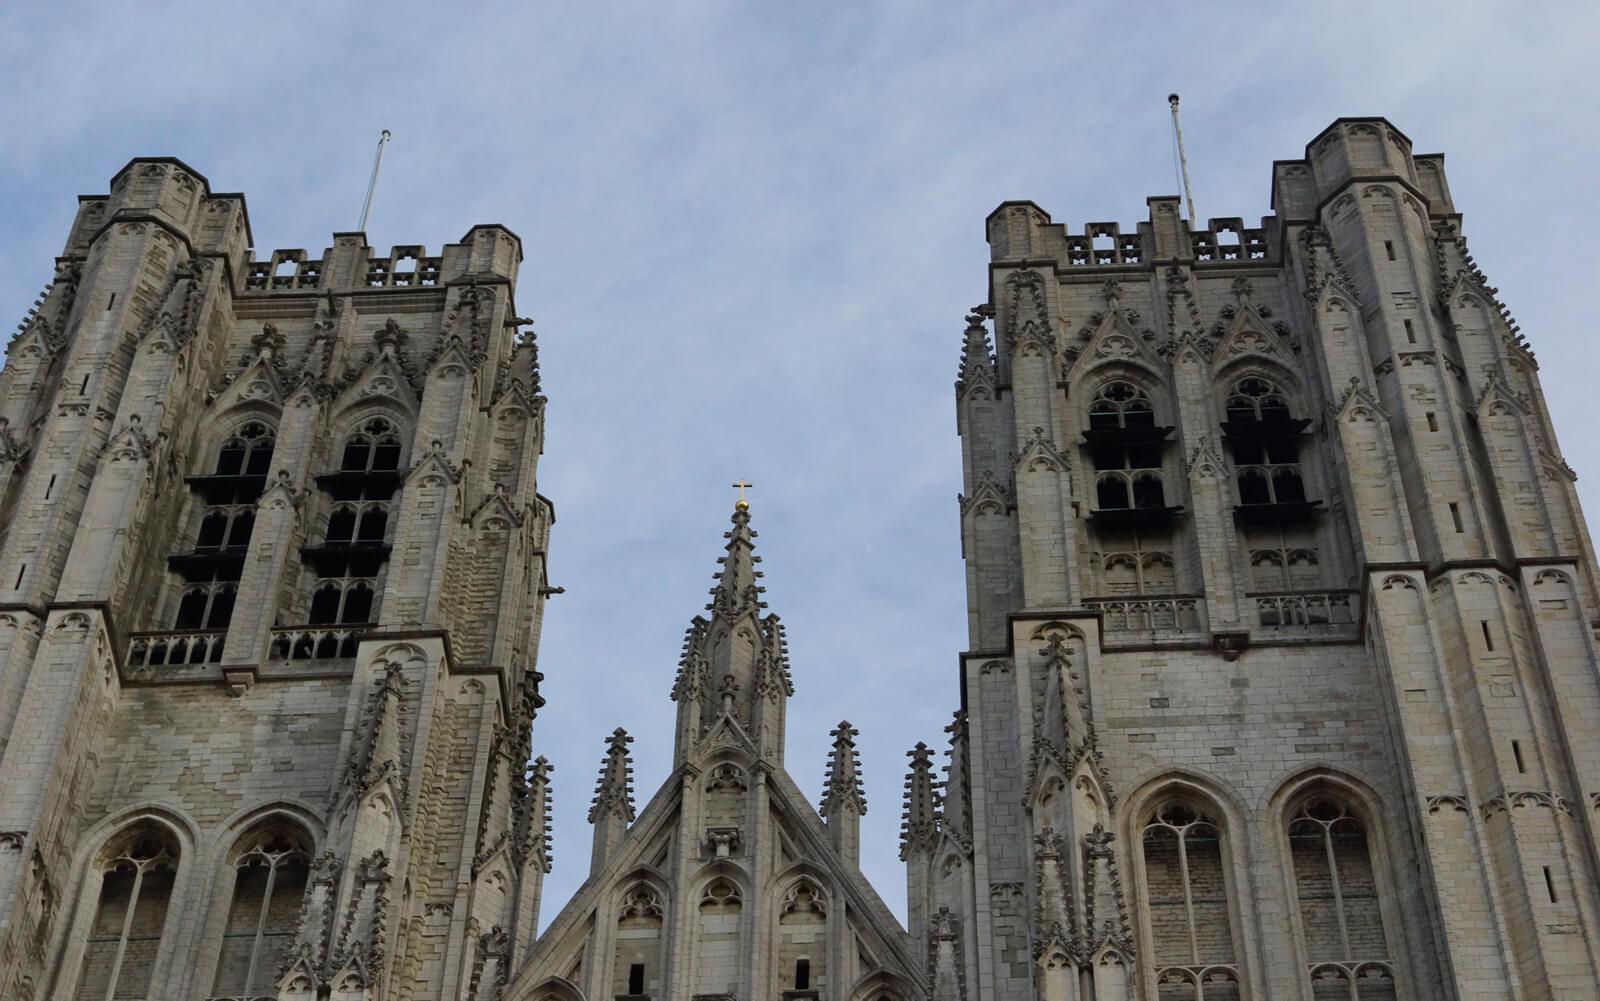 Две башни фасада спроектированы Яном ван Рёйсбруком